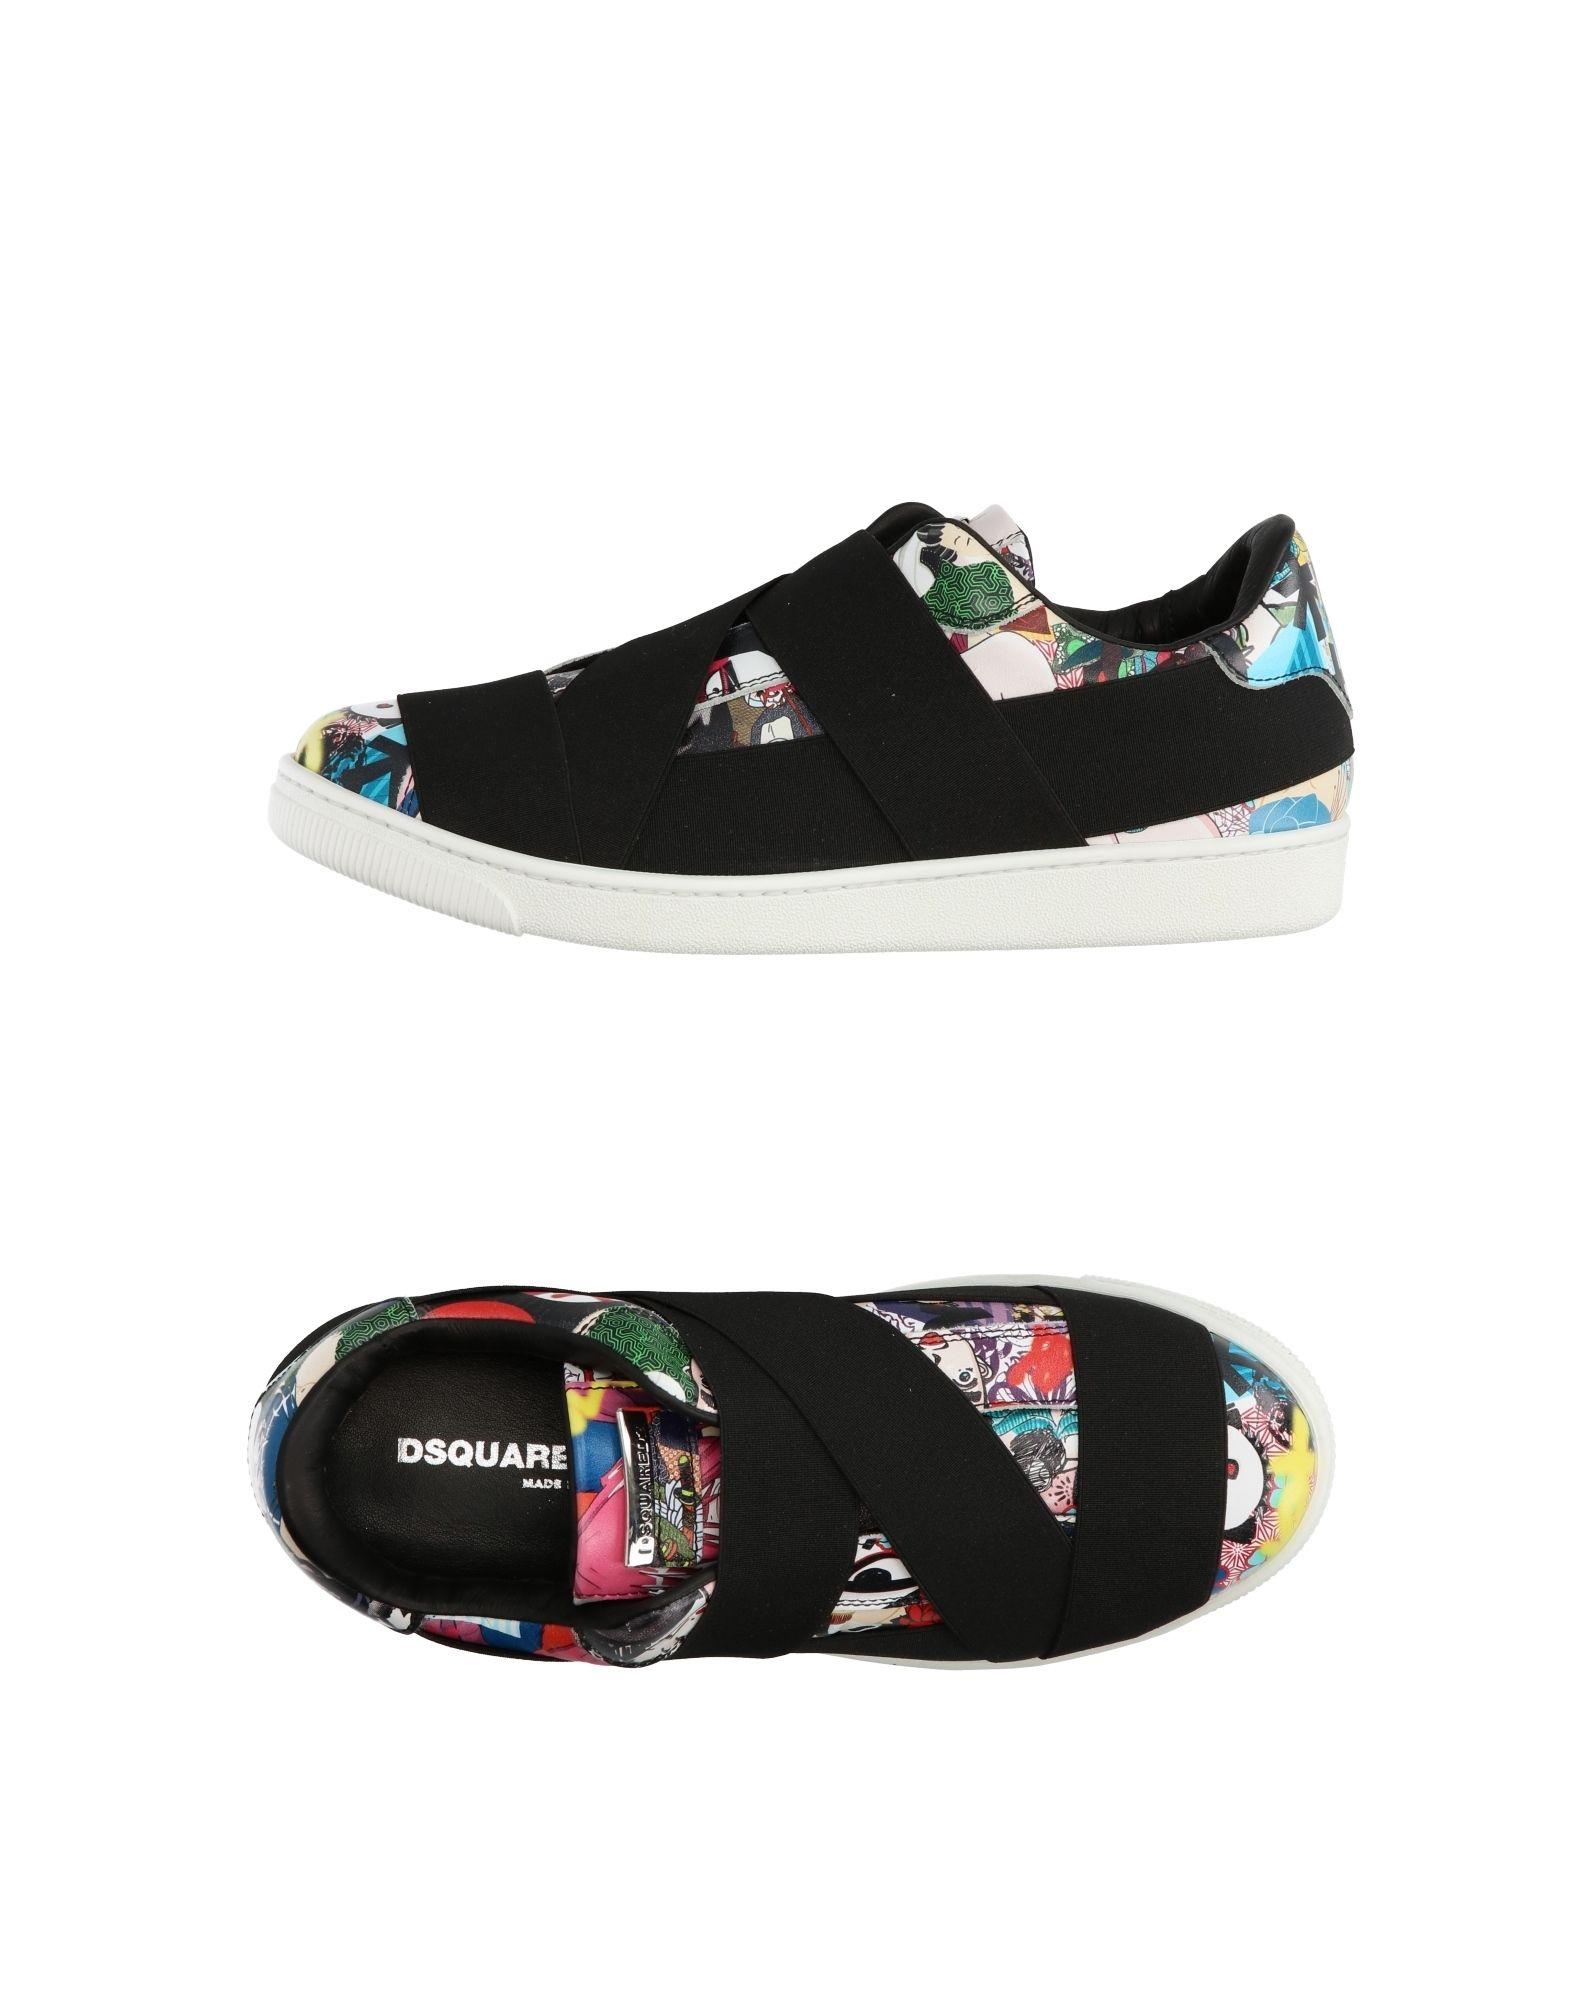 Dsquared2 Sneakers Herren  11298629XK Gute Qualität beliebte Schuhe